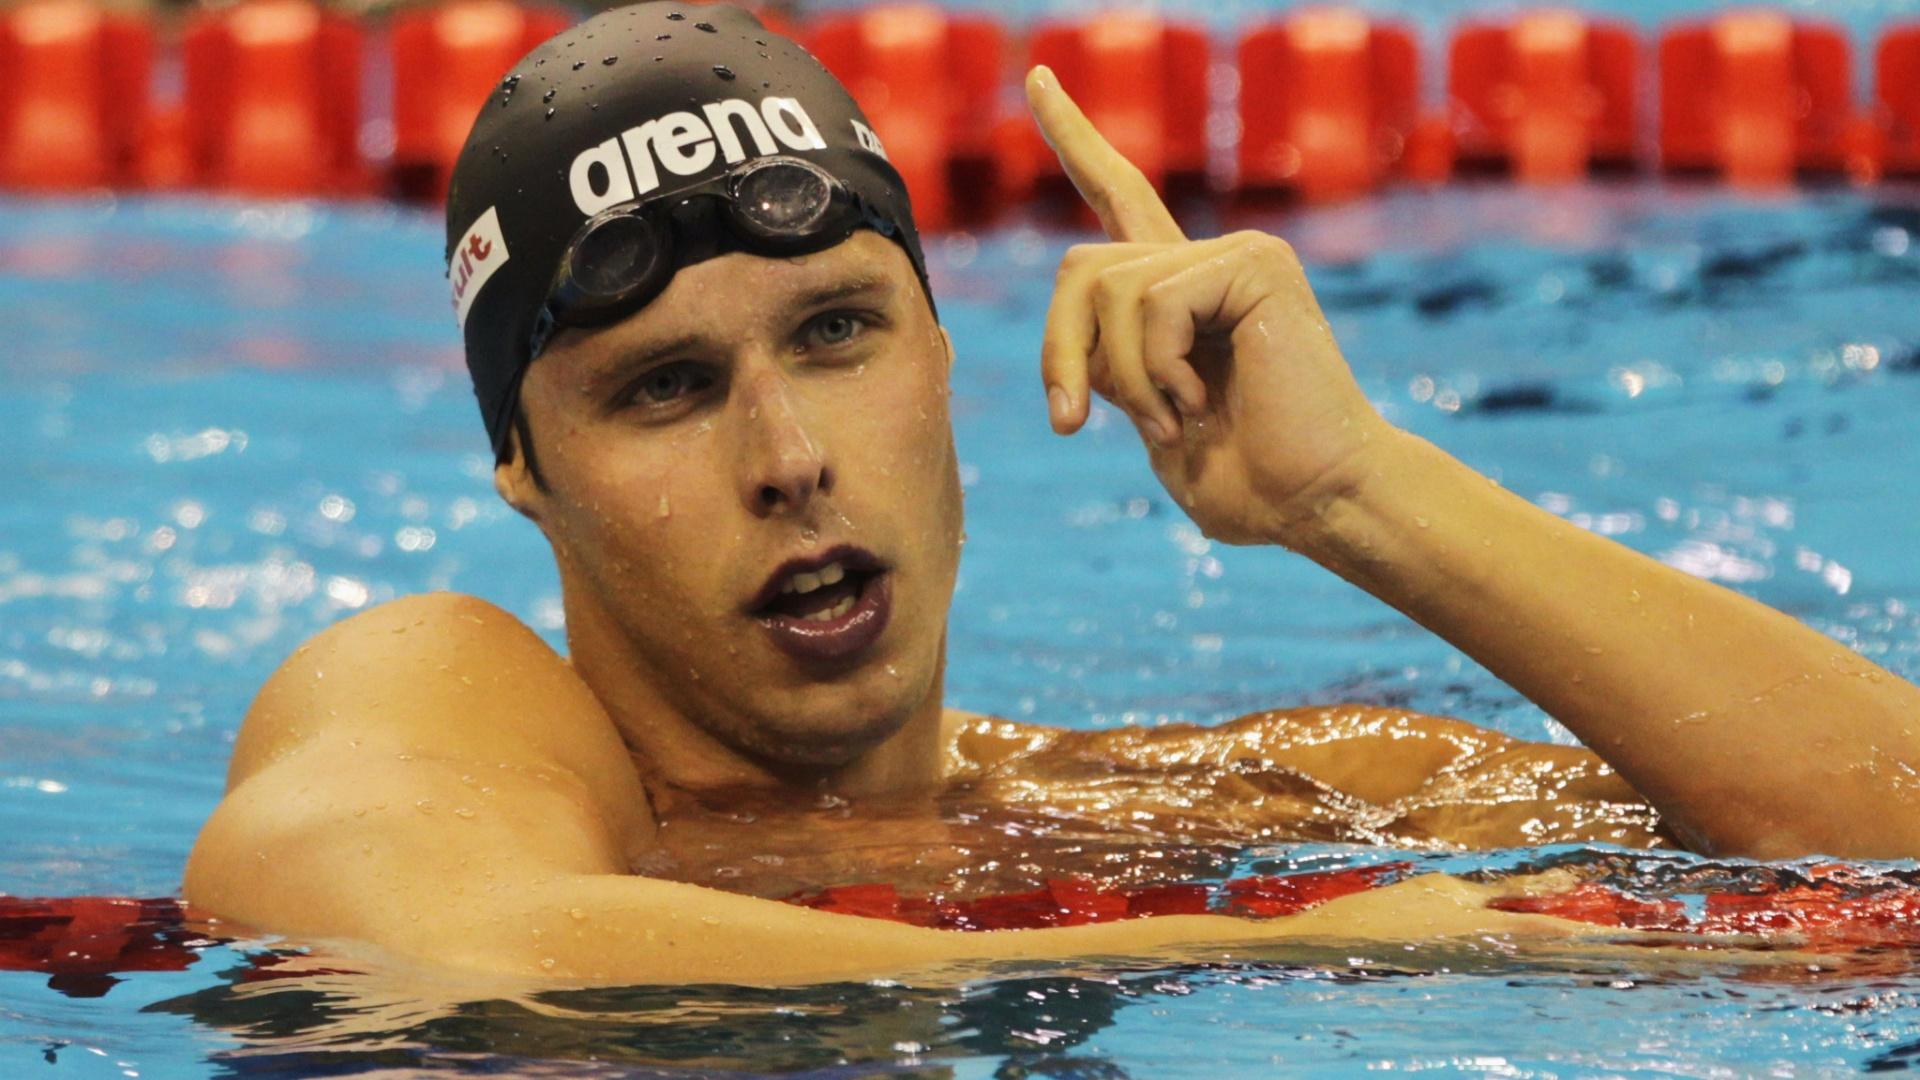 Alexander Dale Oen comemora a vitória nos 100m peito no Mundial de natação em Xangai em 2011; o nadador norueguês morreu em 1º/05/2012 vítima de problemas cardíacos